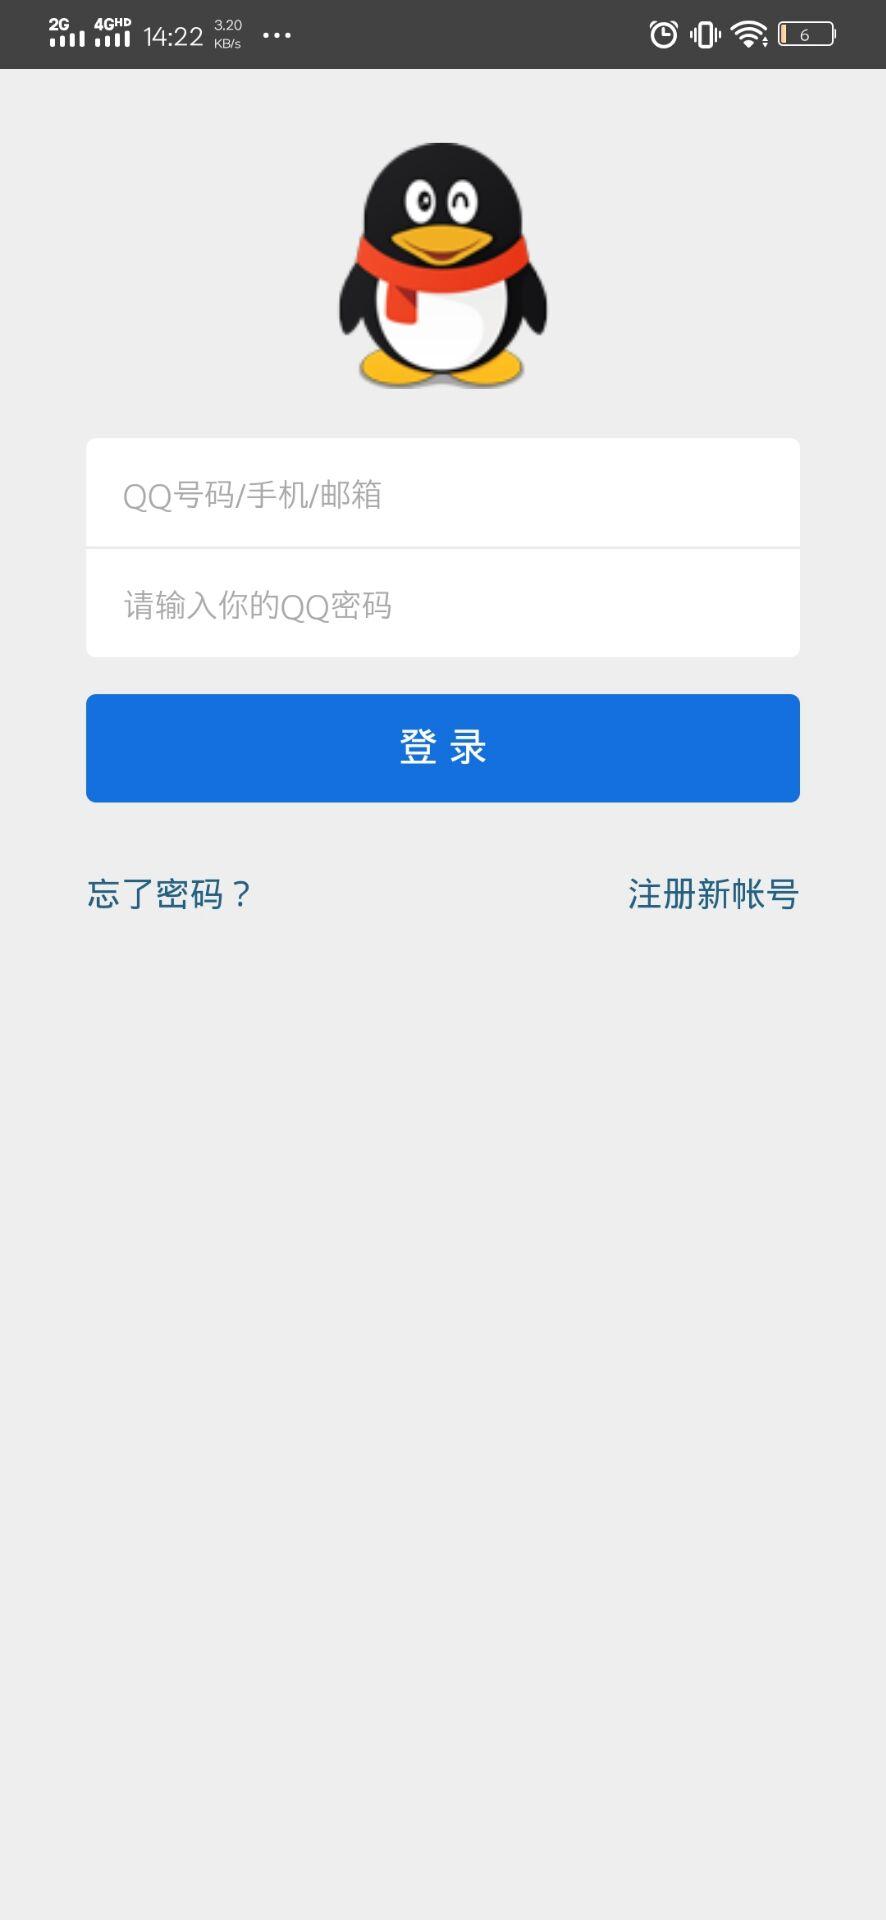 【原创】QQ百变气泡2019持续更新2020版!